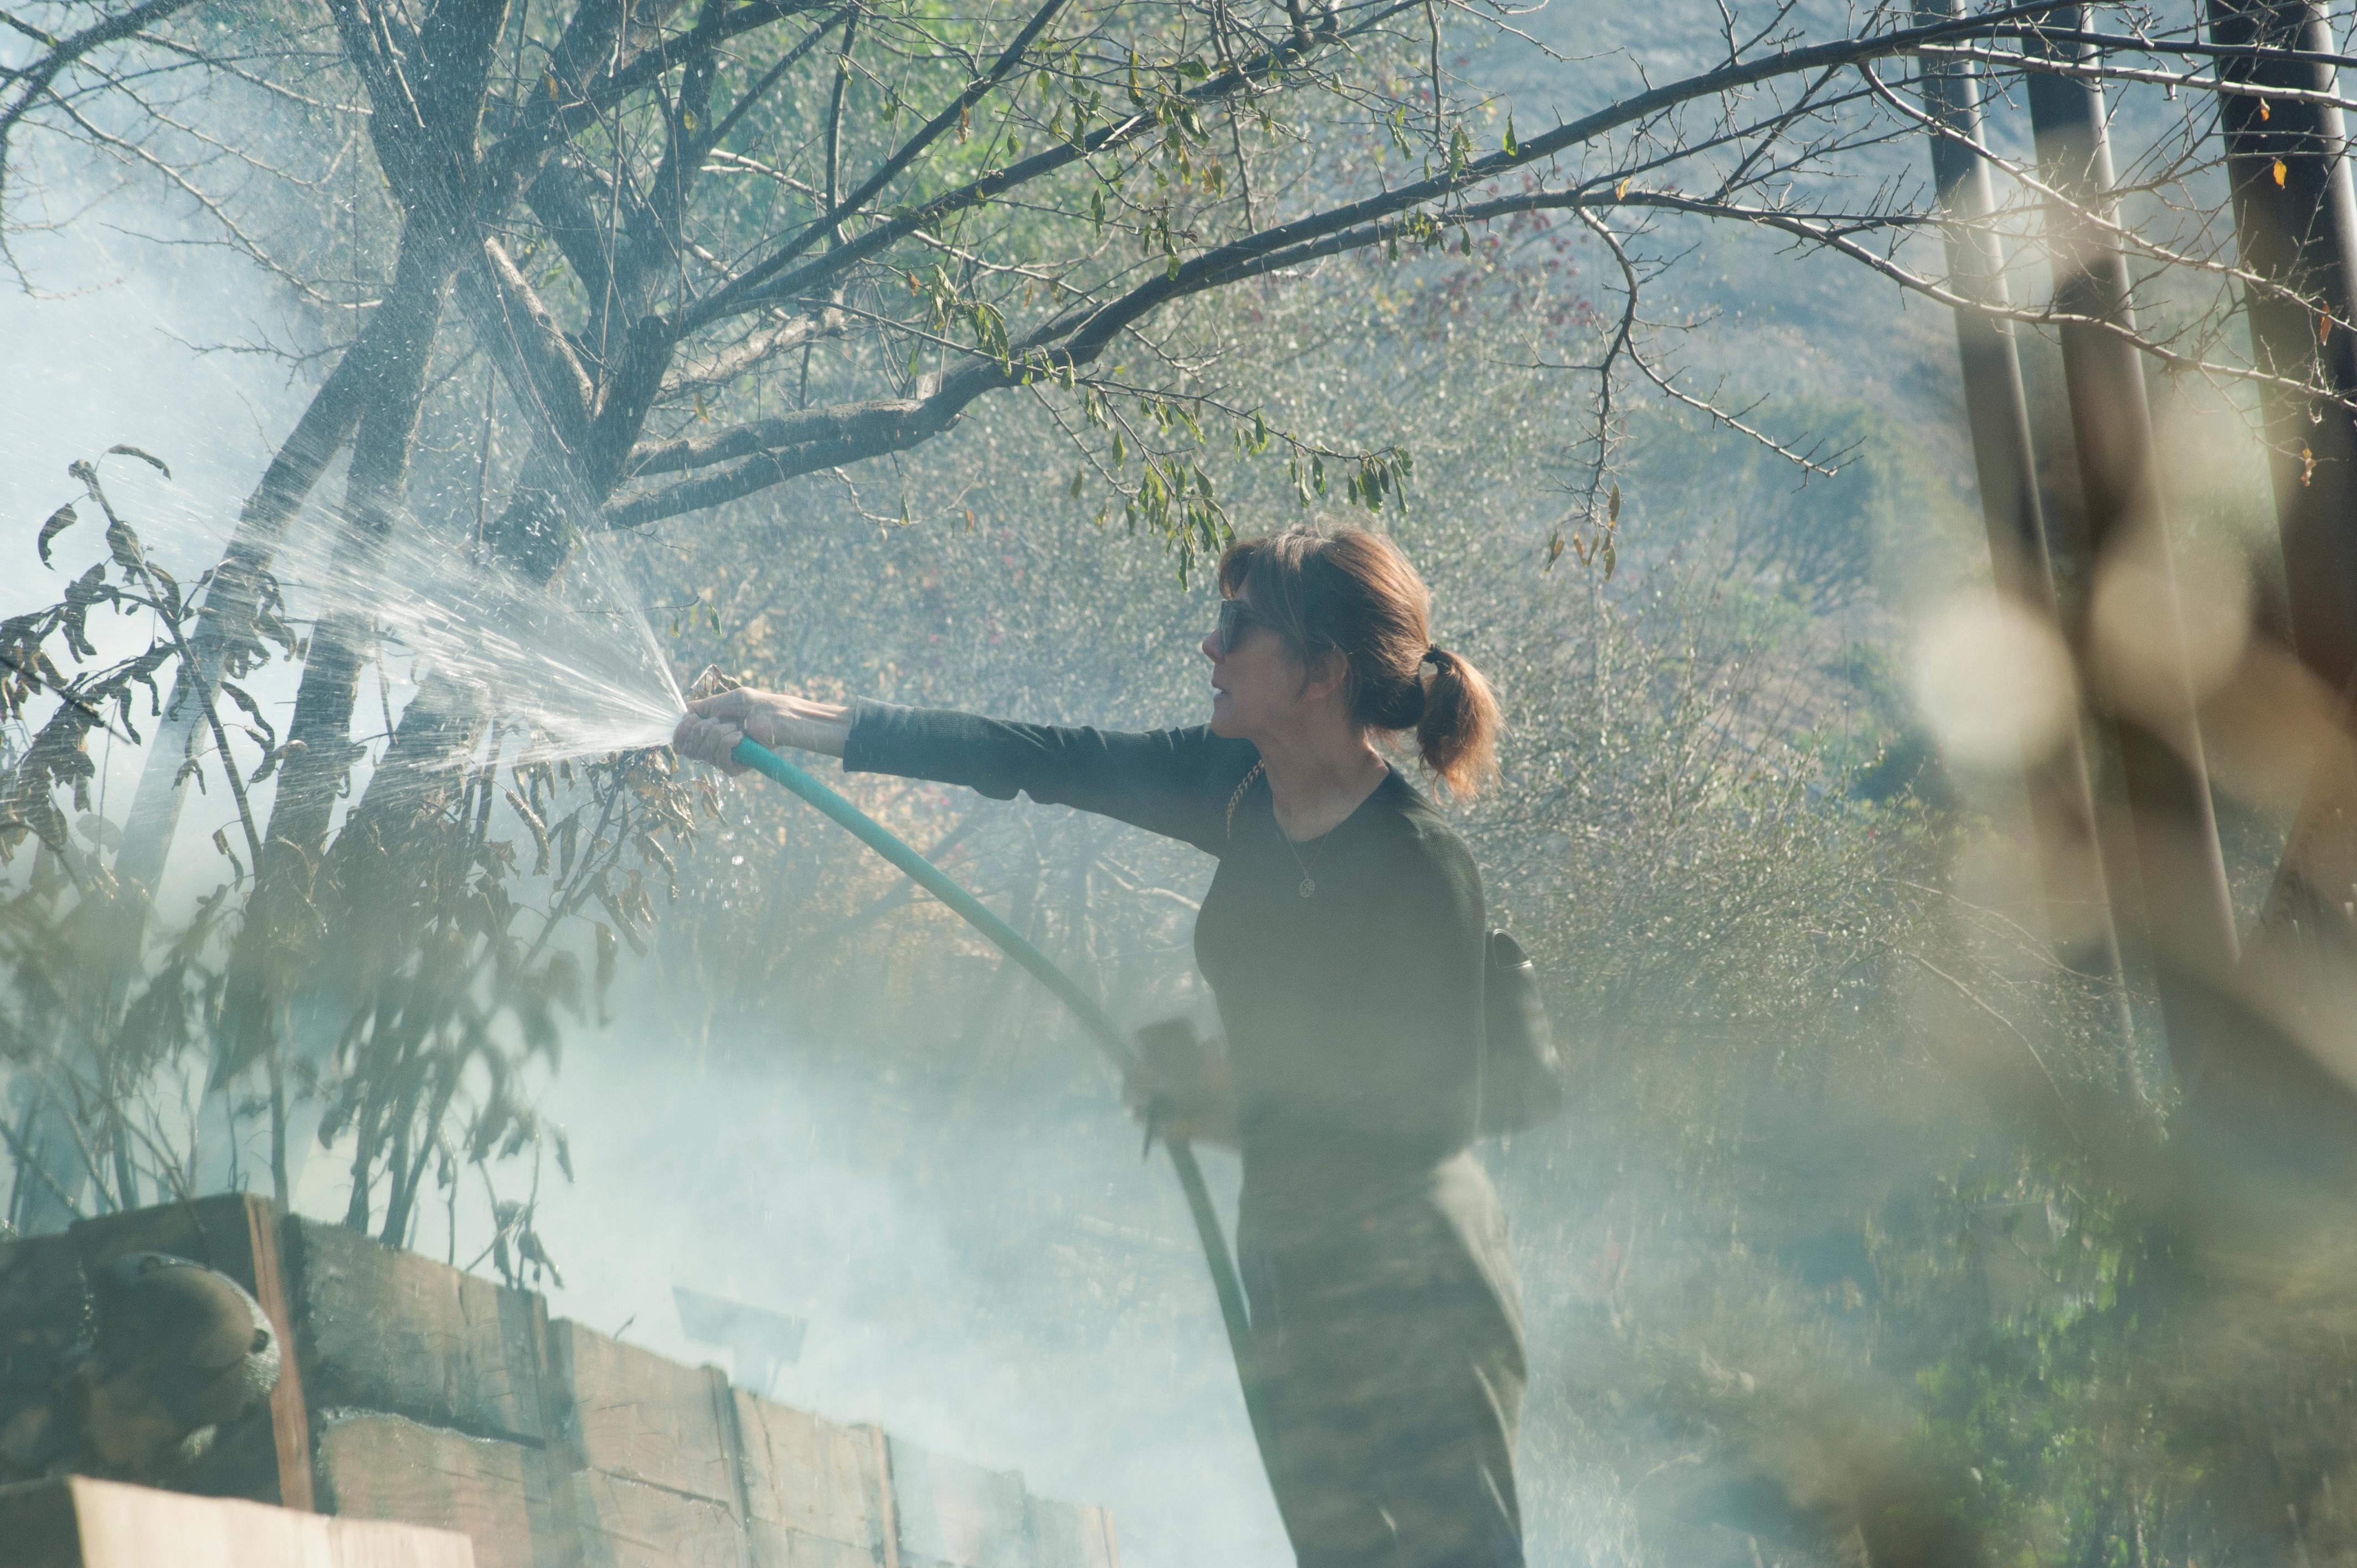 سيدة تحاول إطفاء حريق